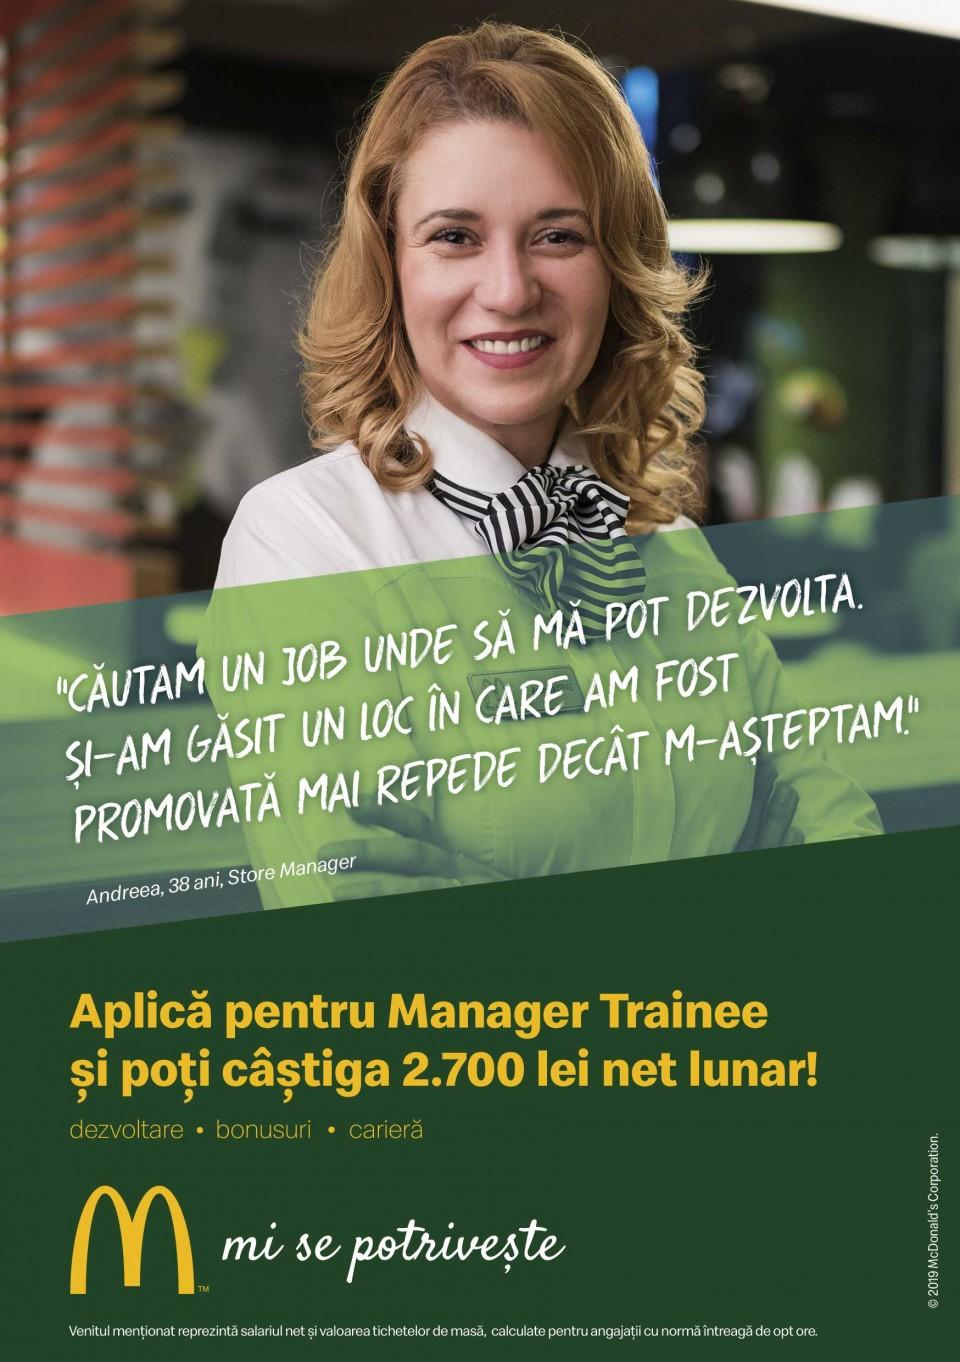 contanta McDonald's McDonald's în RomâniaCei 5.000 de angajați ai McDonald's în România știu ce înseamnă puterea unui zâmbet.  Echipa McDonald's e formată din oameni muncitori, ambițioși, pentru care interacțiunea cu alți oameni este o bucurie. În fiecare zi, angajații McDonald's întâmpină peste 210.000 de clienți. Ne dorim să aducem în echipa noastră colegi dornici să învețe și să crească în cadrul unei echipe puternice și ambițioase.  McDonald's a deschis primul restaurant în România pe 16 iunie 1995, în Unirea Shopping Center din București. A fost primul pas în construirea unei povești de succes, care se dezvoltă în fiecare an.  În 2016, McDonald's în România a devenit Premier Restaurants România, ca urmare a parteneriatului pentru dezvoltare încheiat cu Premier Capital, compania malteză care coordonează operațiunile McDonald's din șase țări europene: Estonia, Grecia, Letonia, Lituania, Malta și România.  Astăzi, McDonald's are 78 de restaurante în 23 de orașe din România și este liderul pieței de restaurante cu servire rapidă. În același timp, lanțul McCafé, are în prezent 33 de cafenele în România și crește de la an la an.http://mcdonalds.ro